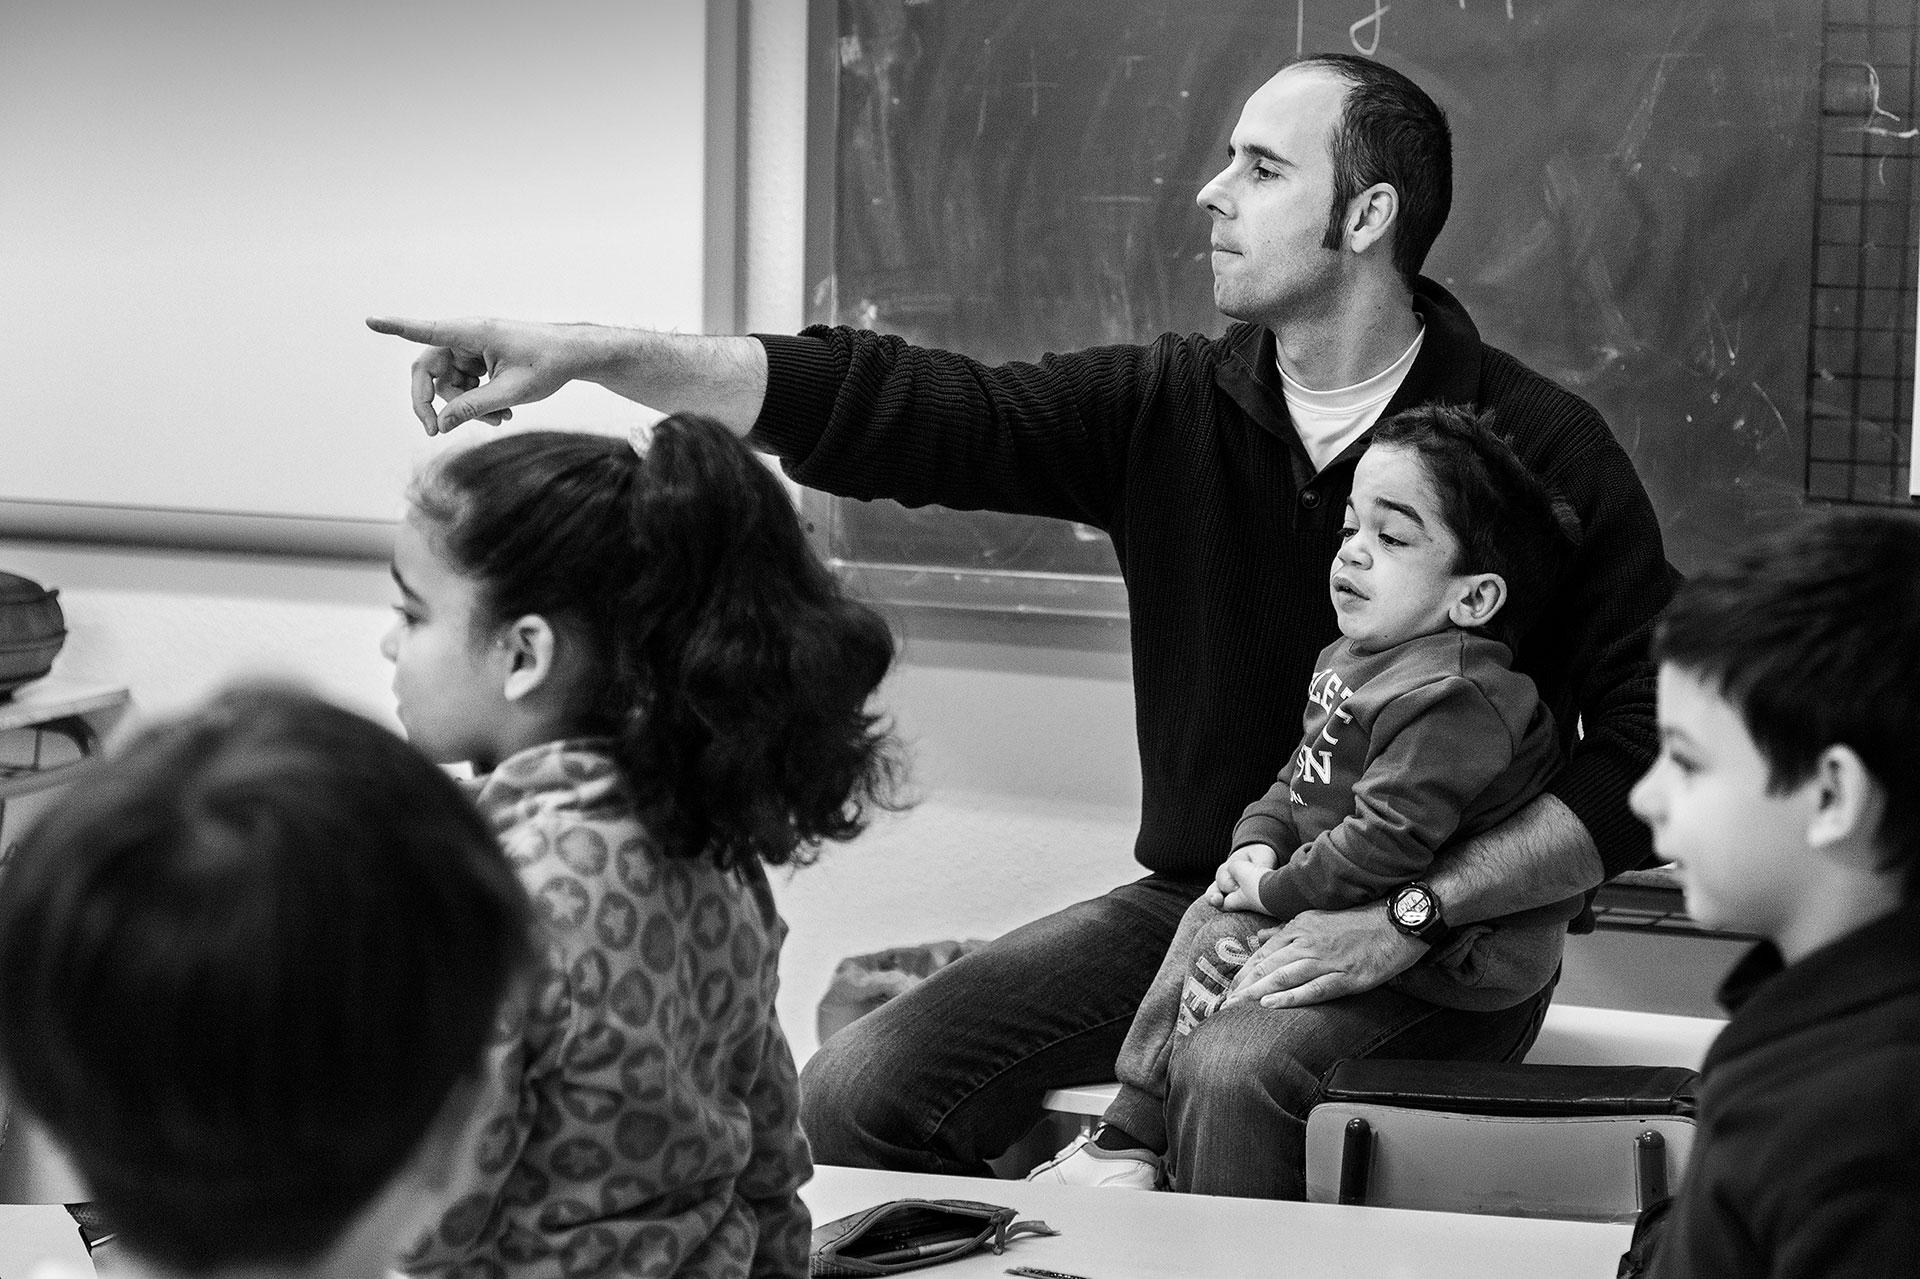 Pedro Martín Palomino, profesor de Nacho, imparte una de sus clases en el colegio Nuestra Señora de la Blanca, Pulgar (Toledo).